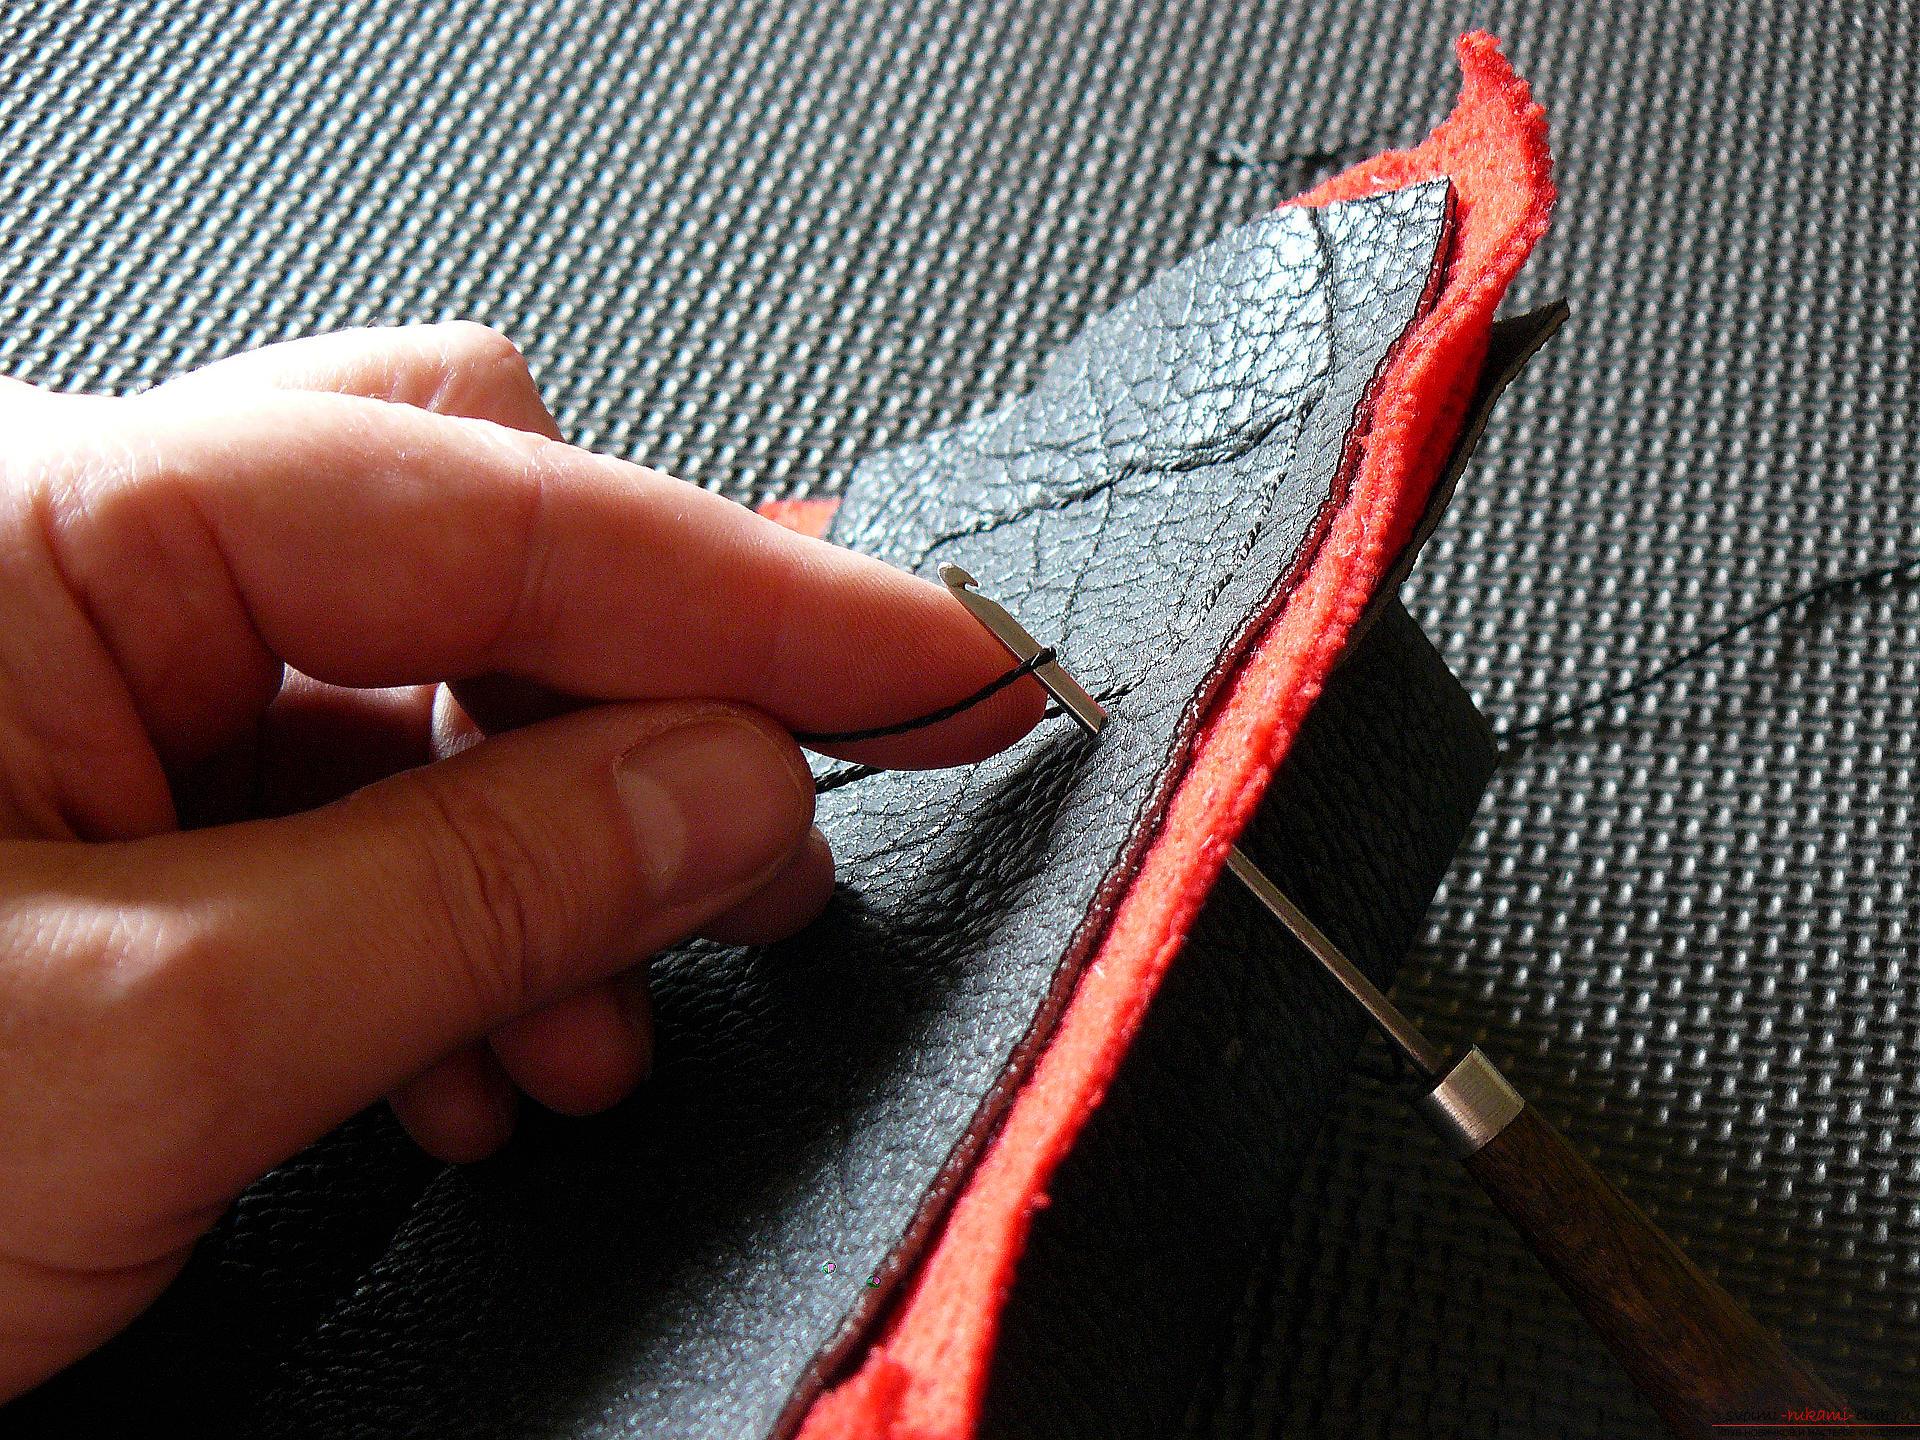 Этот подробный мастер-класс с фото и описанием научит как сделать своими руками кожаный чехол для очков.. Фото №15